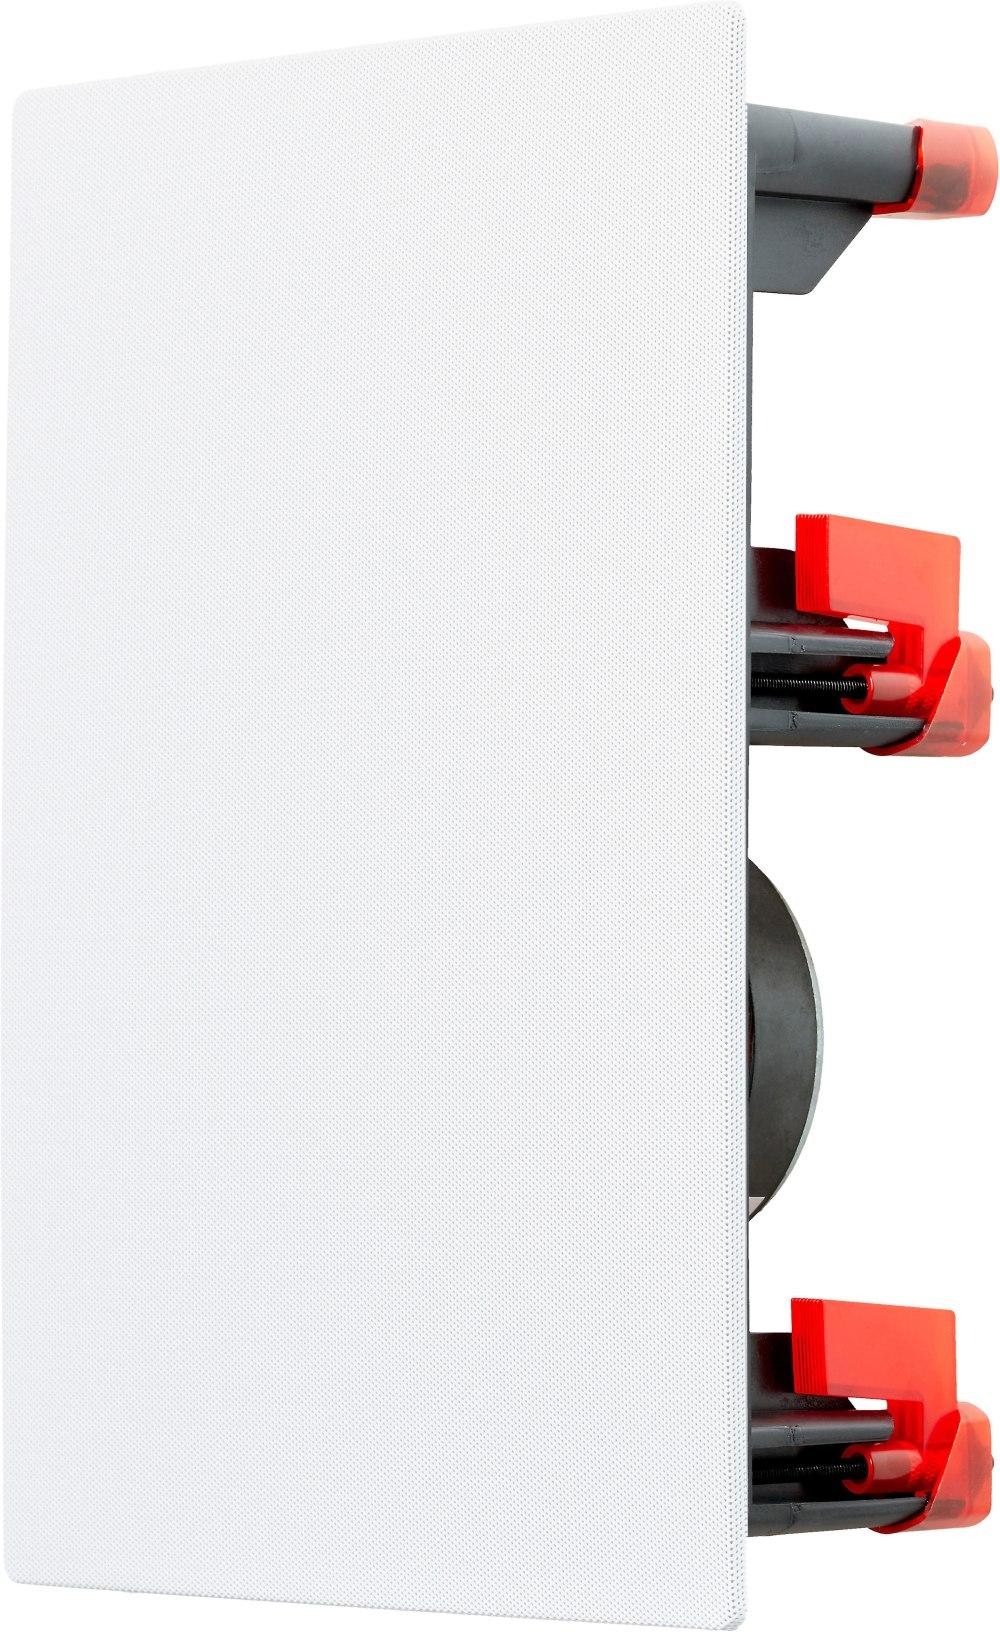 medium resolution of wall jack system